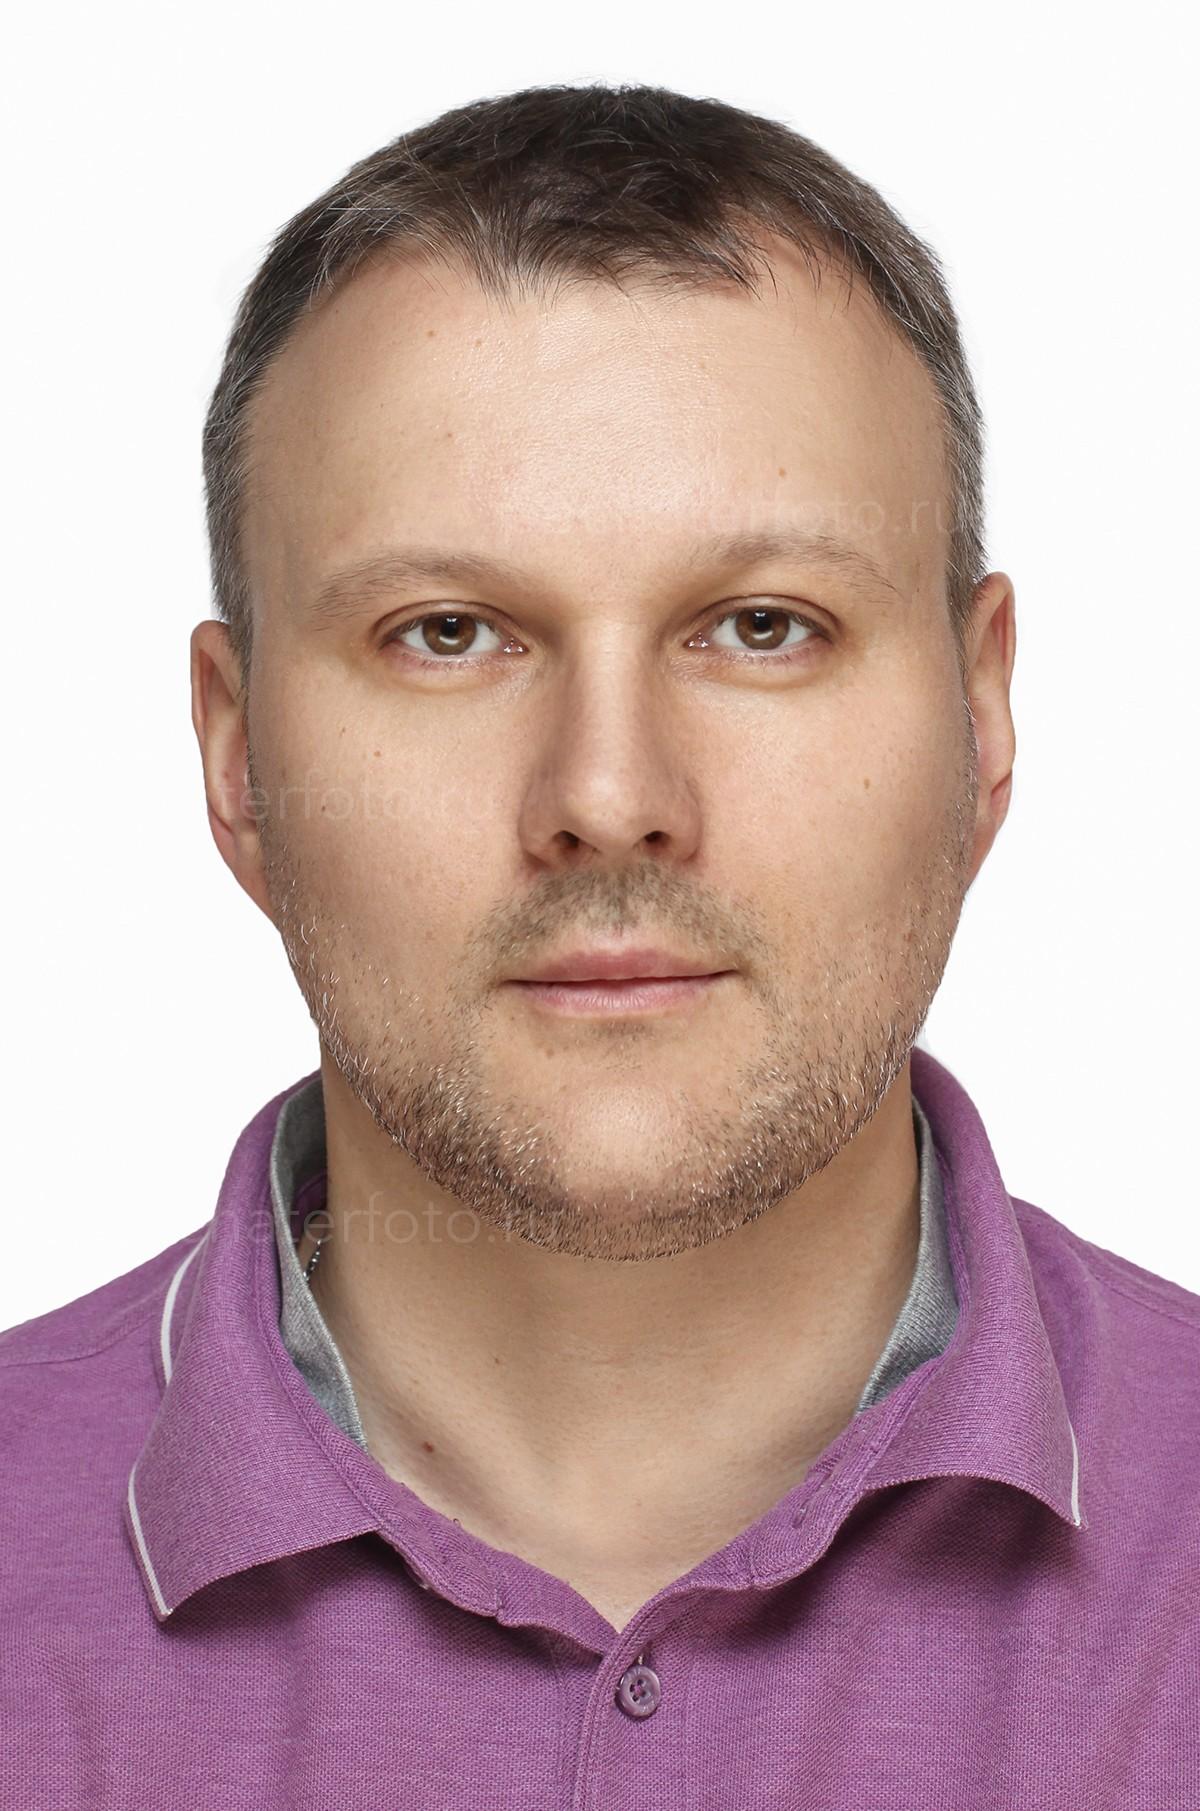 Фото с художественной ретушью в москве от pechaterfoto